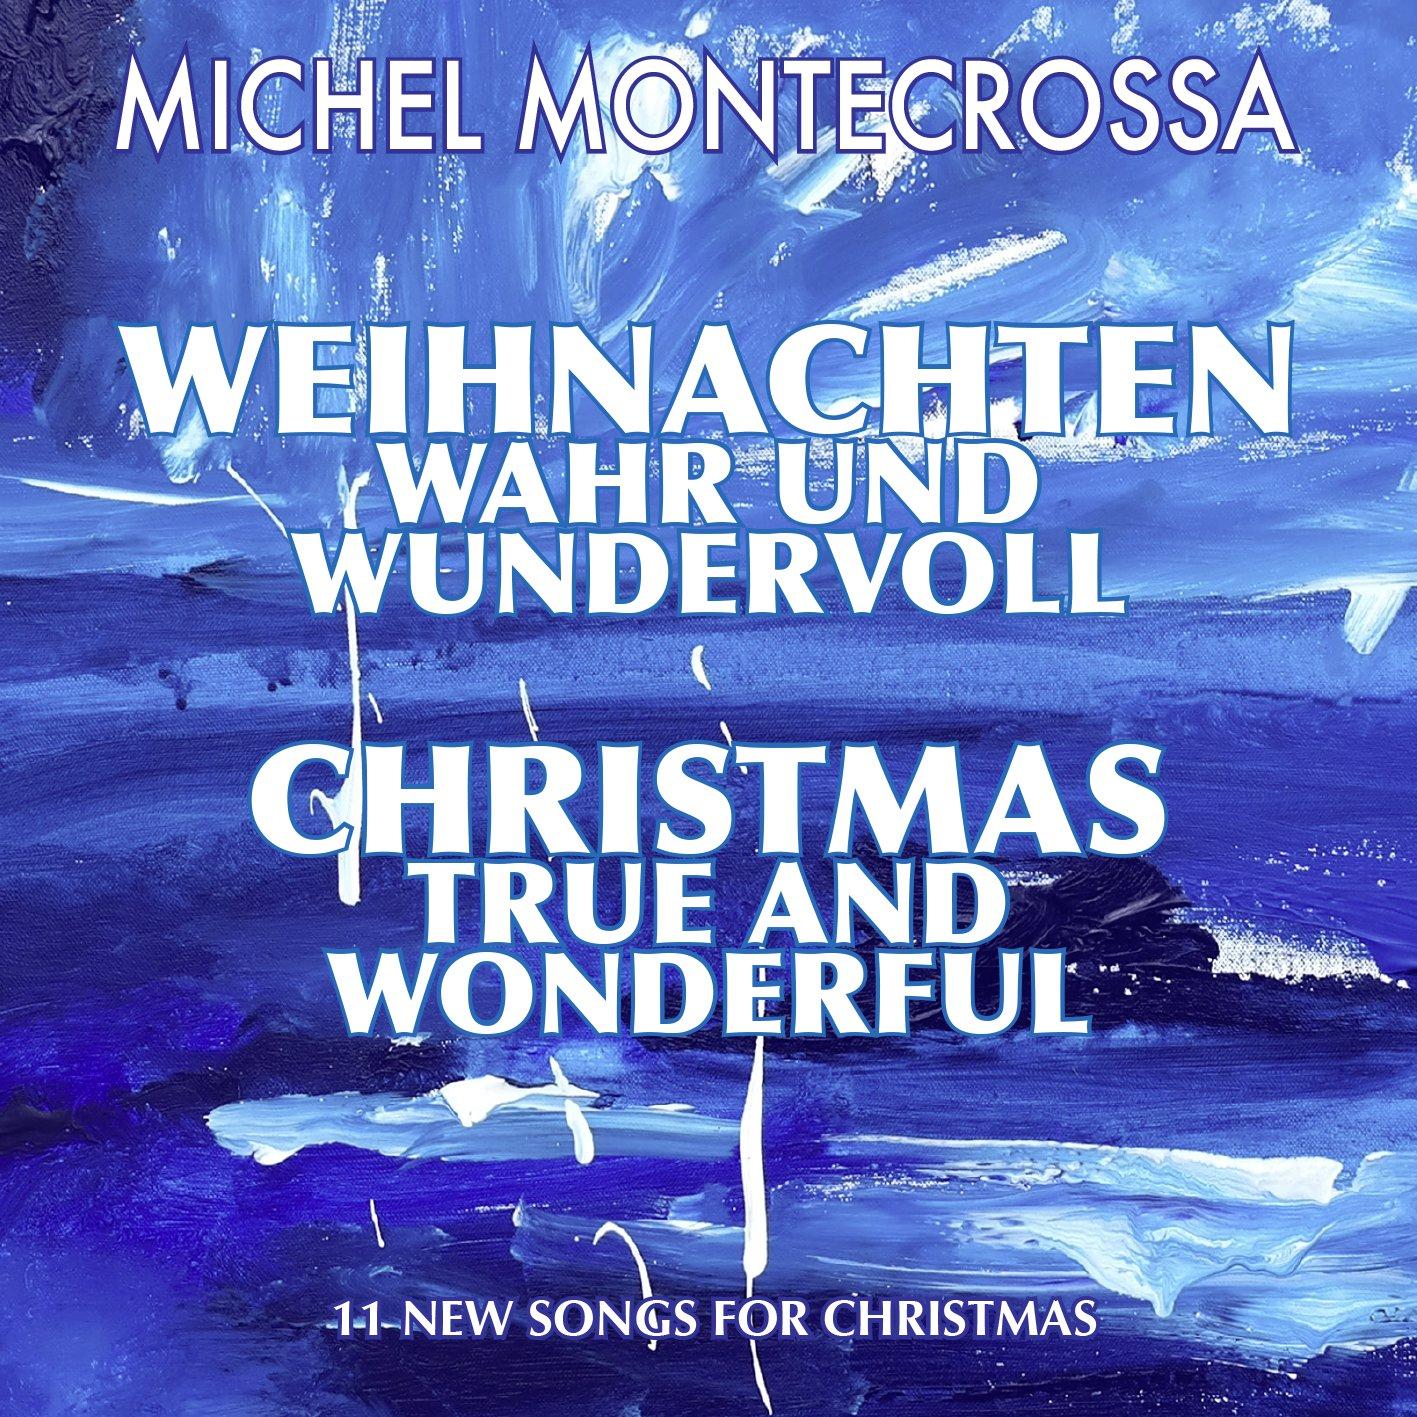 Weihnachten Wahr und Wundervoll